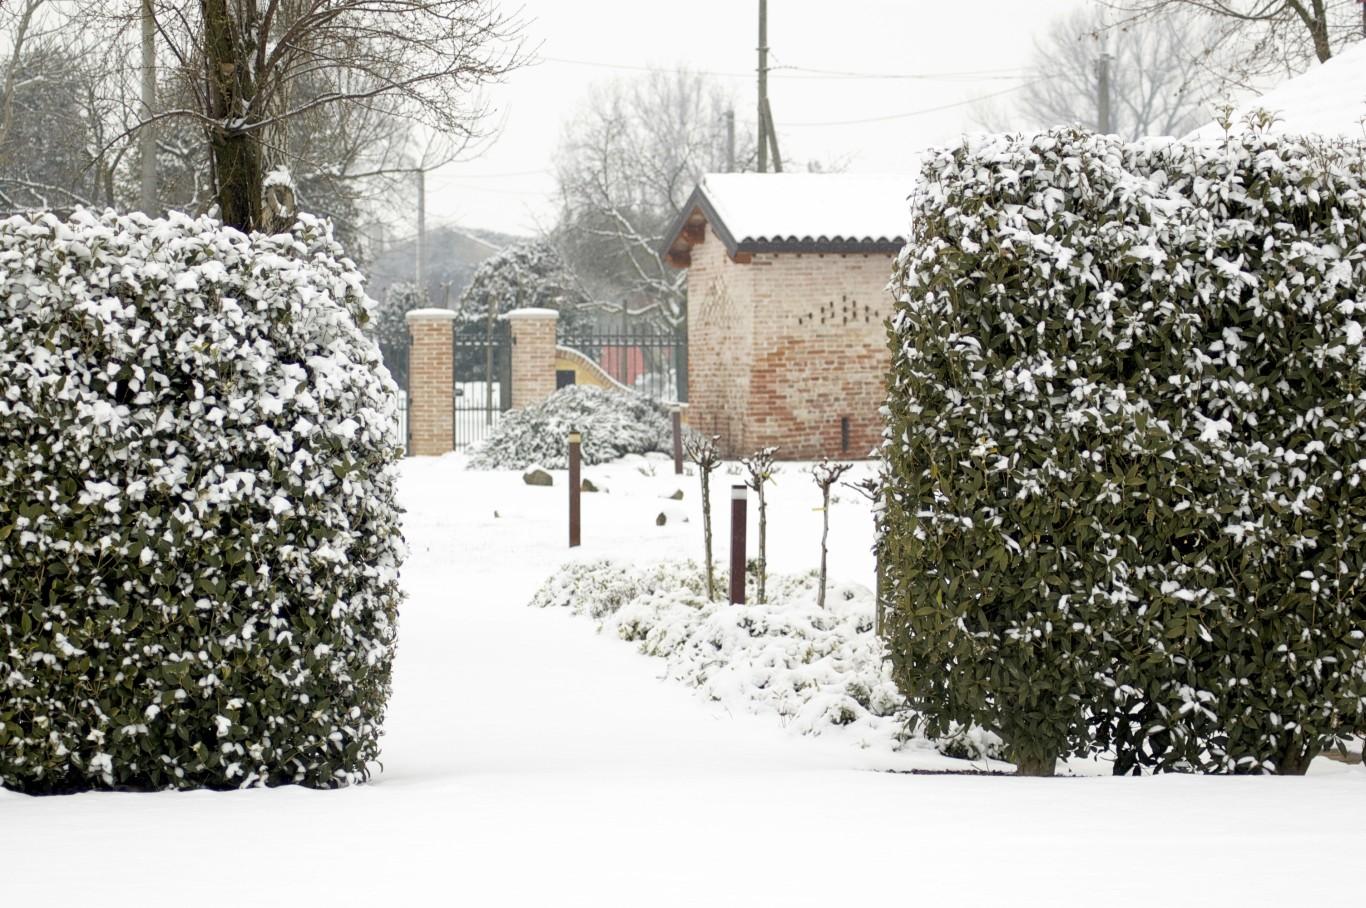 Location Eventi Invernali Veneto2